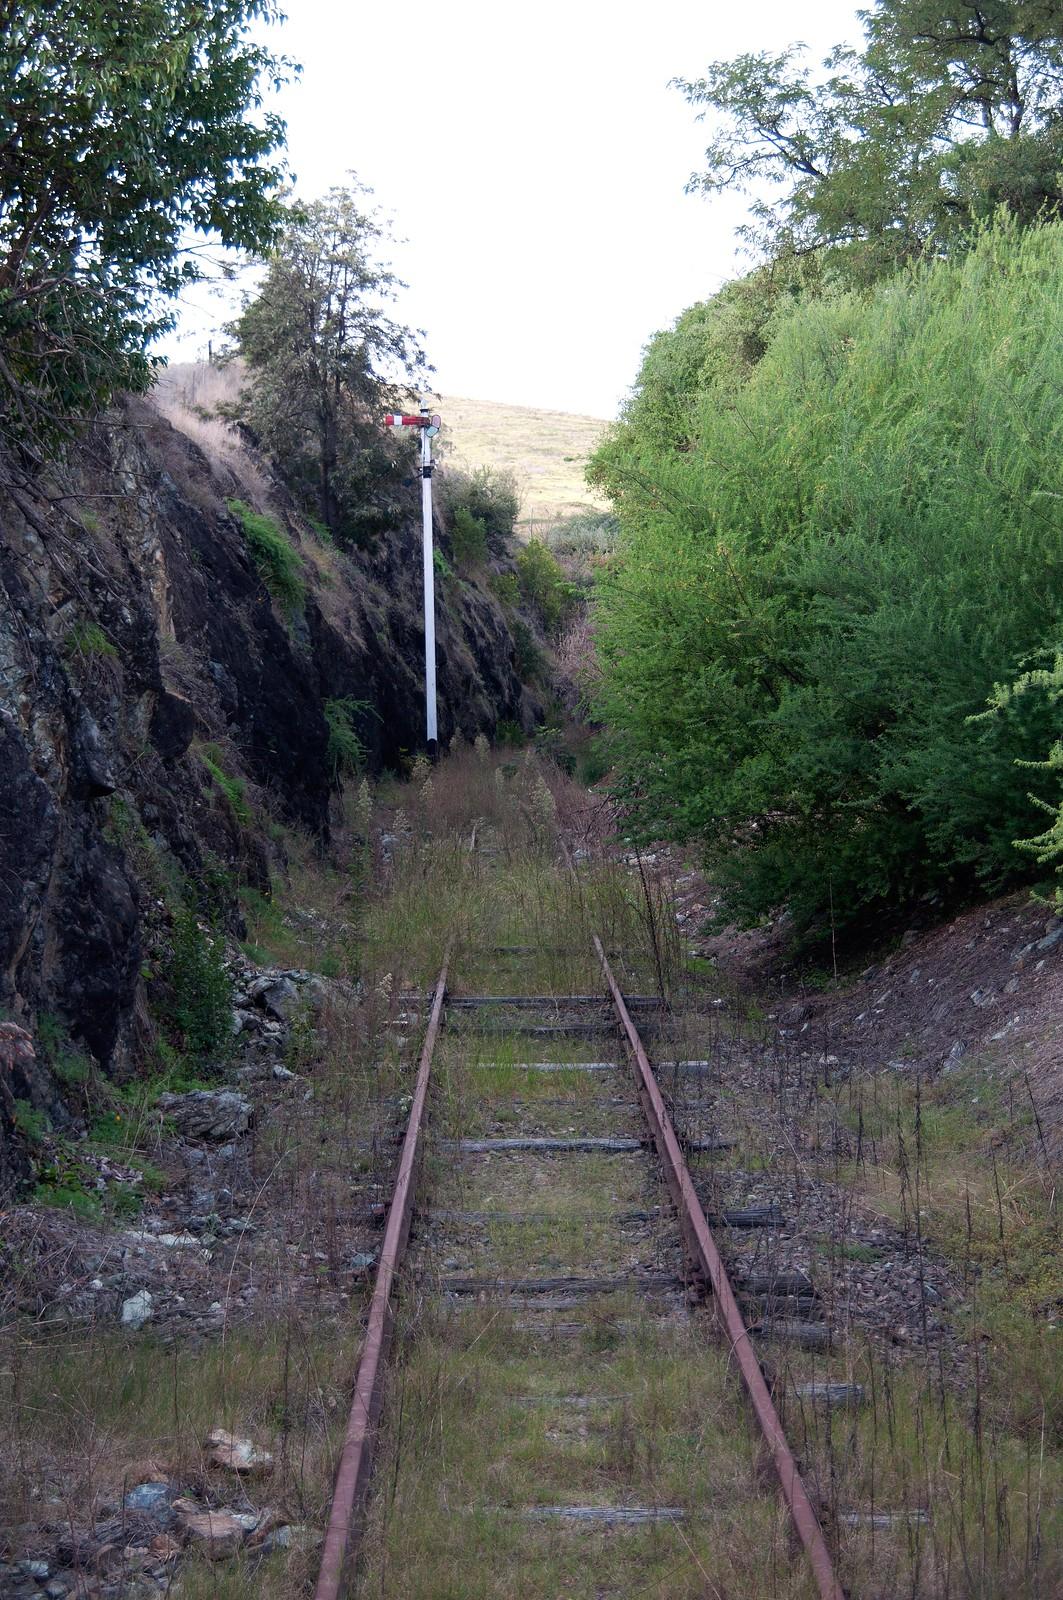 Approaching Gundagai railway from the south by John Cowper